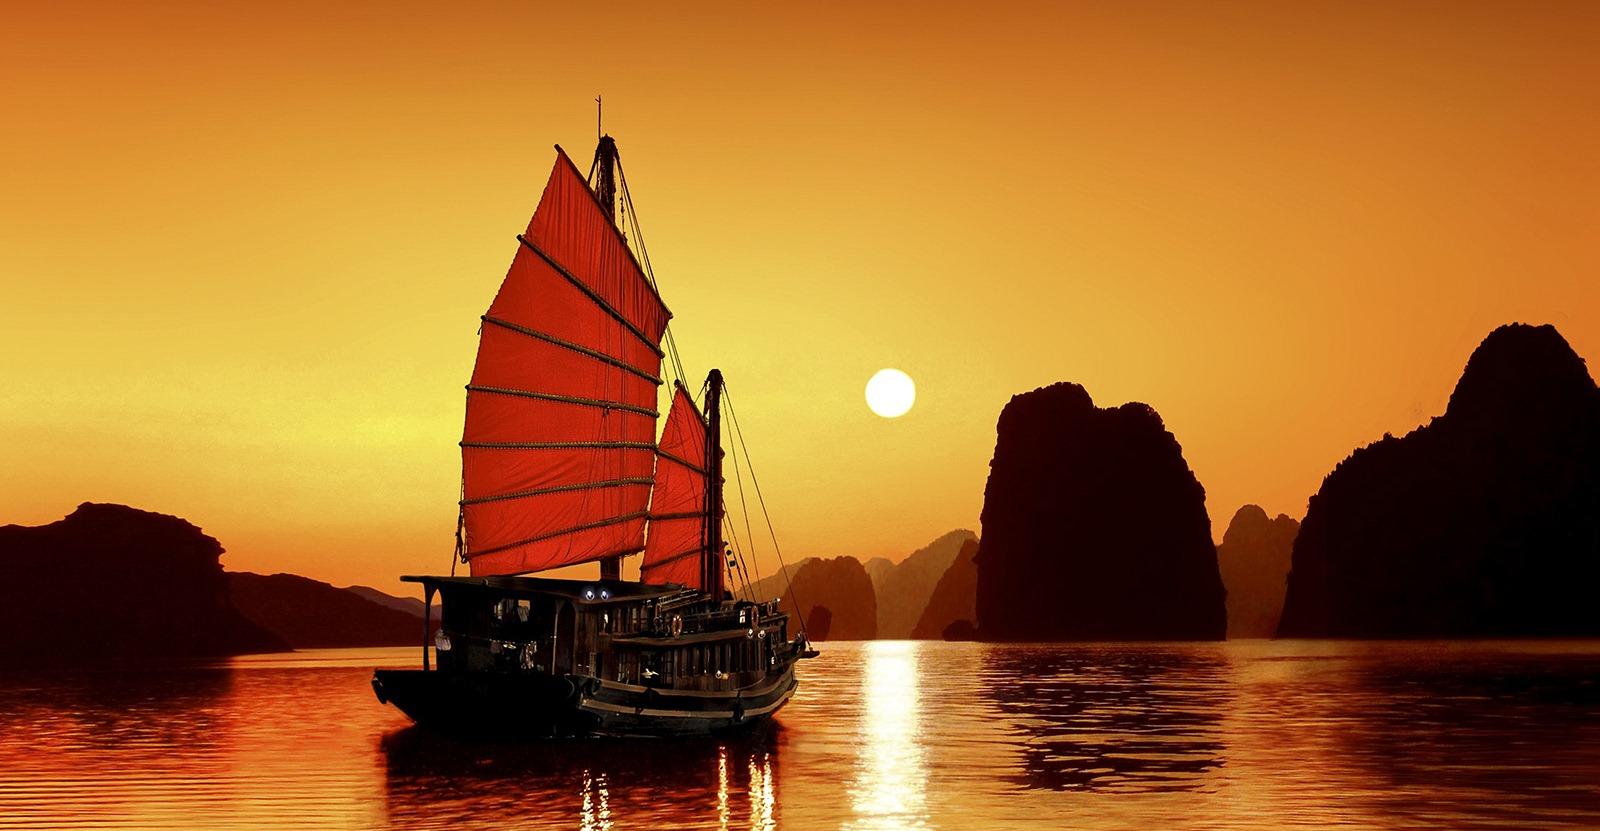 Tour ghép Hà Nội – Ninh Bình – Chùa Hương – Sapa  – Hạ Long 7 ngày